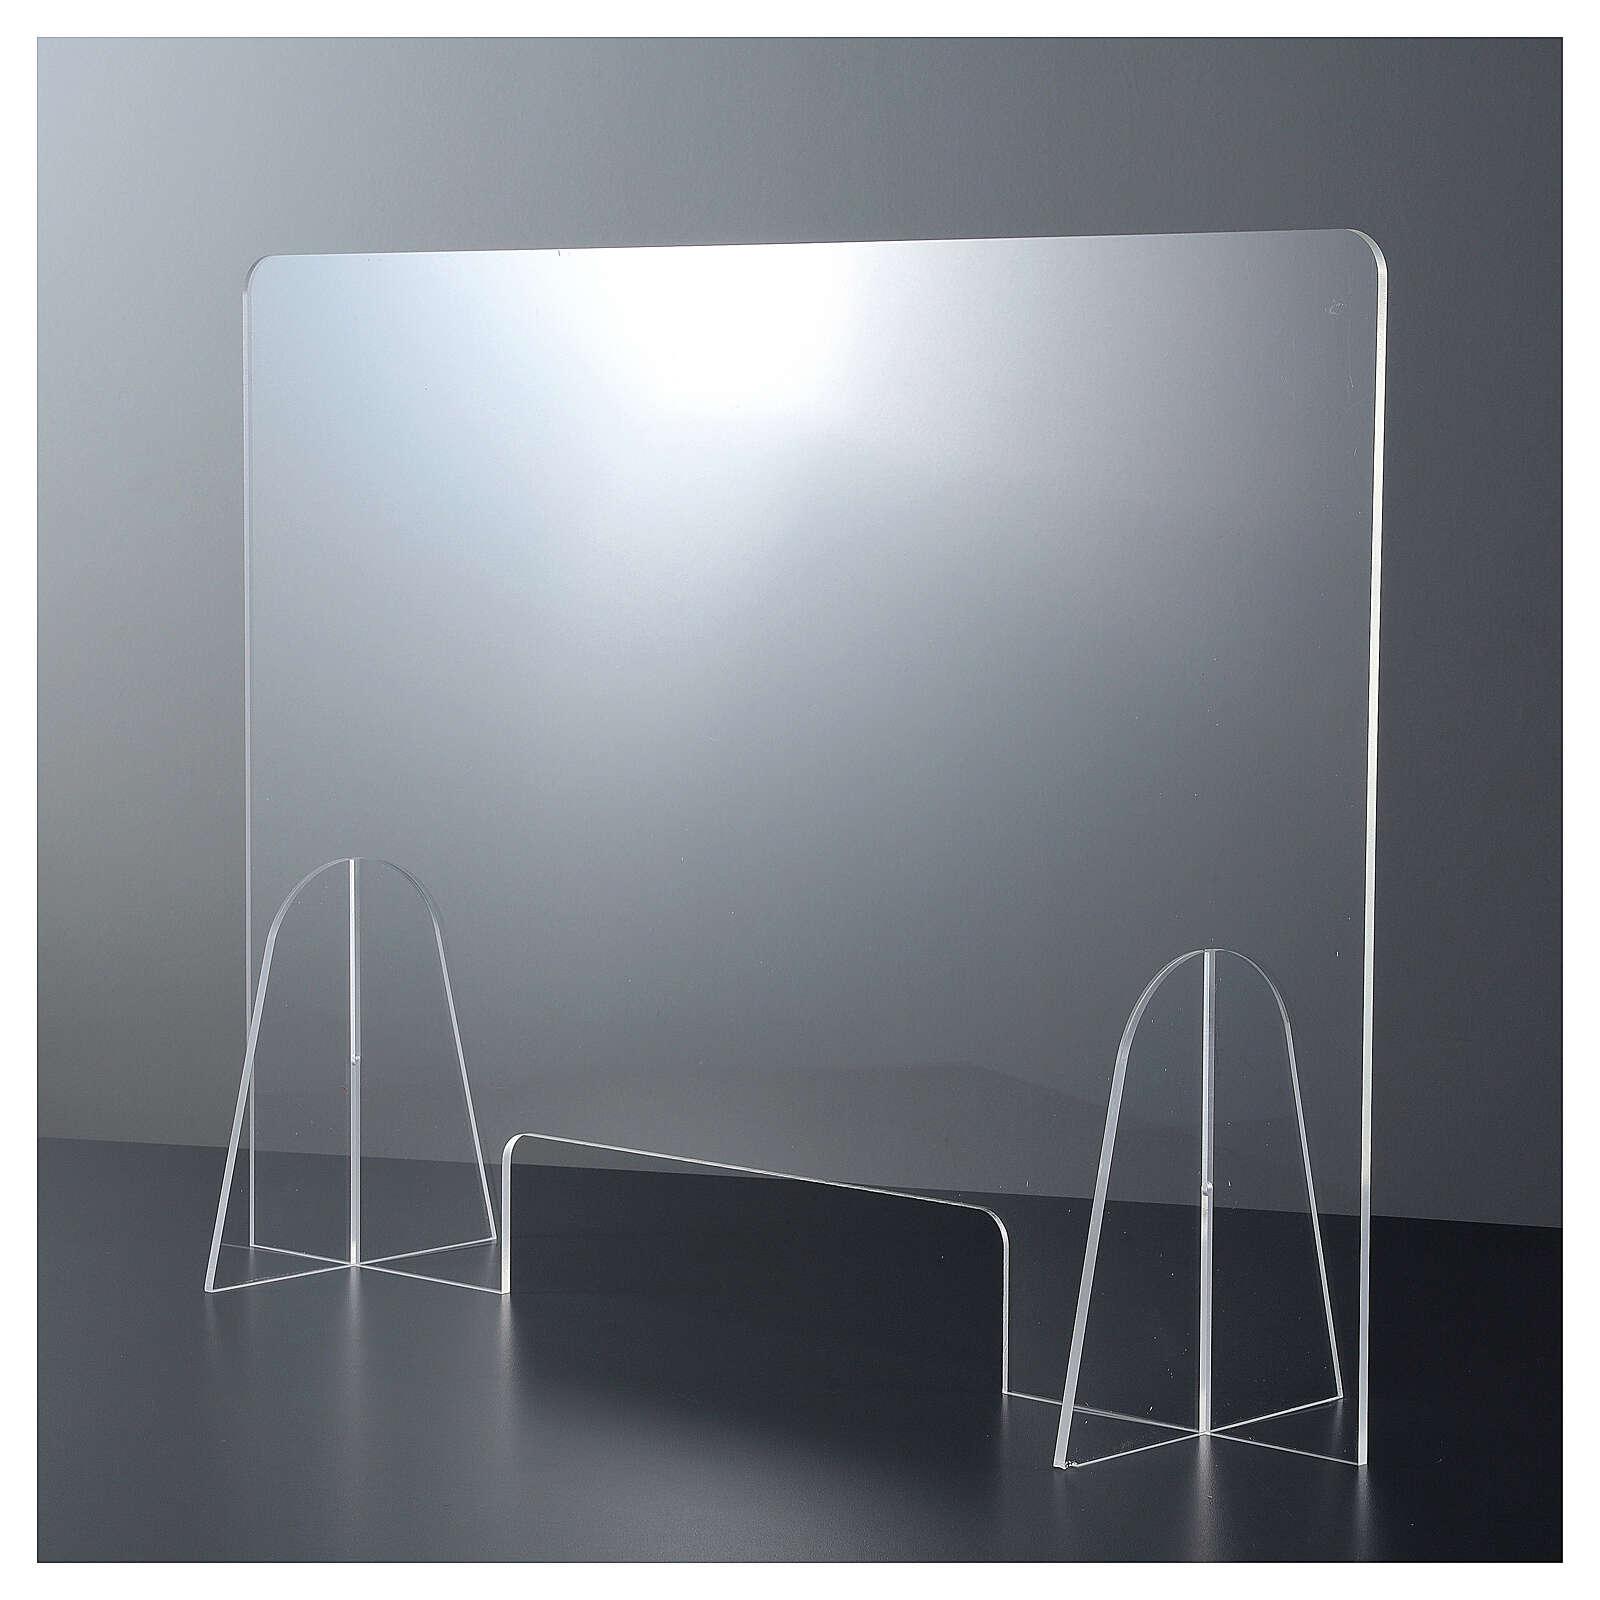 Plexiglass panel 66x98 window 20x40 cm 3